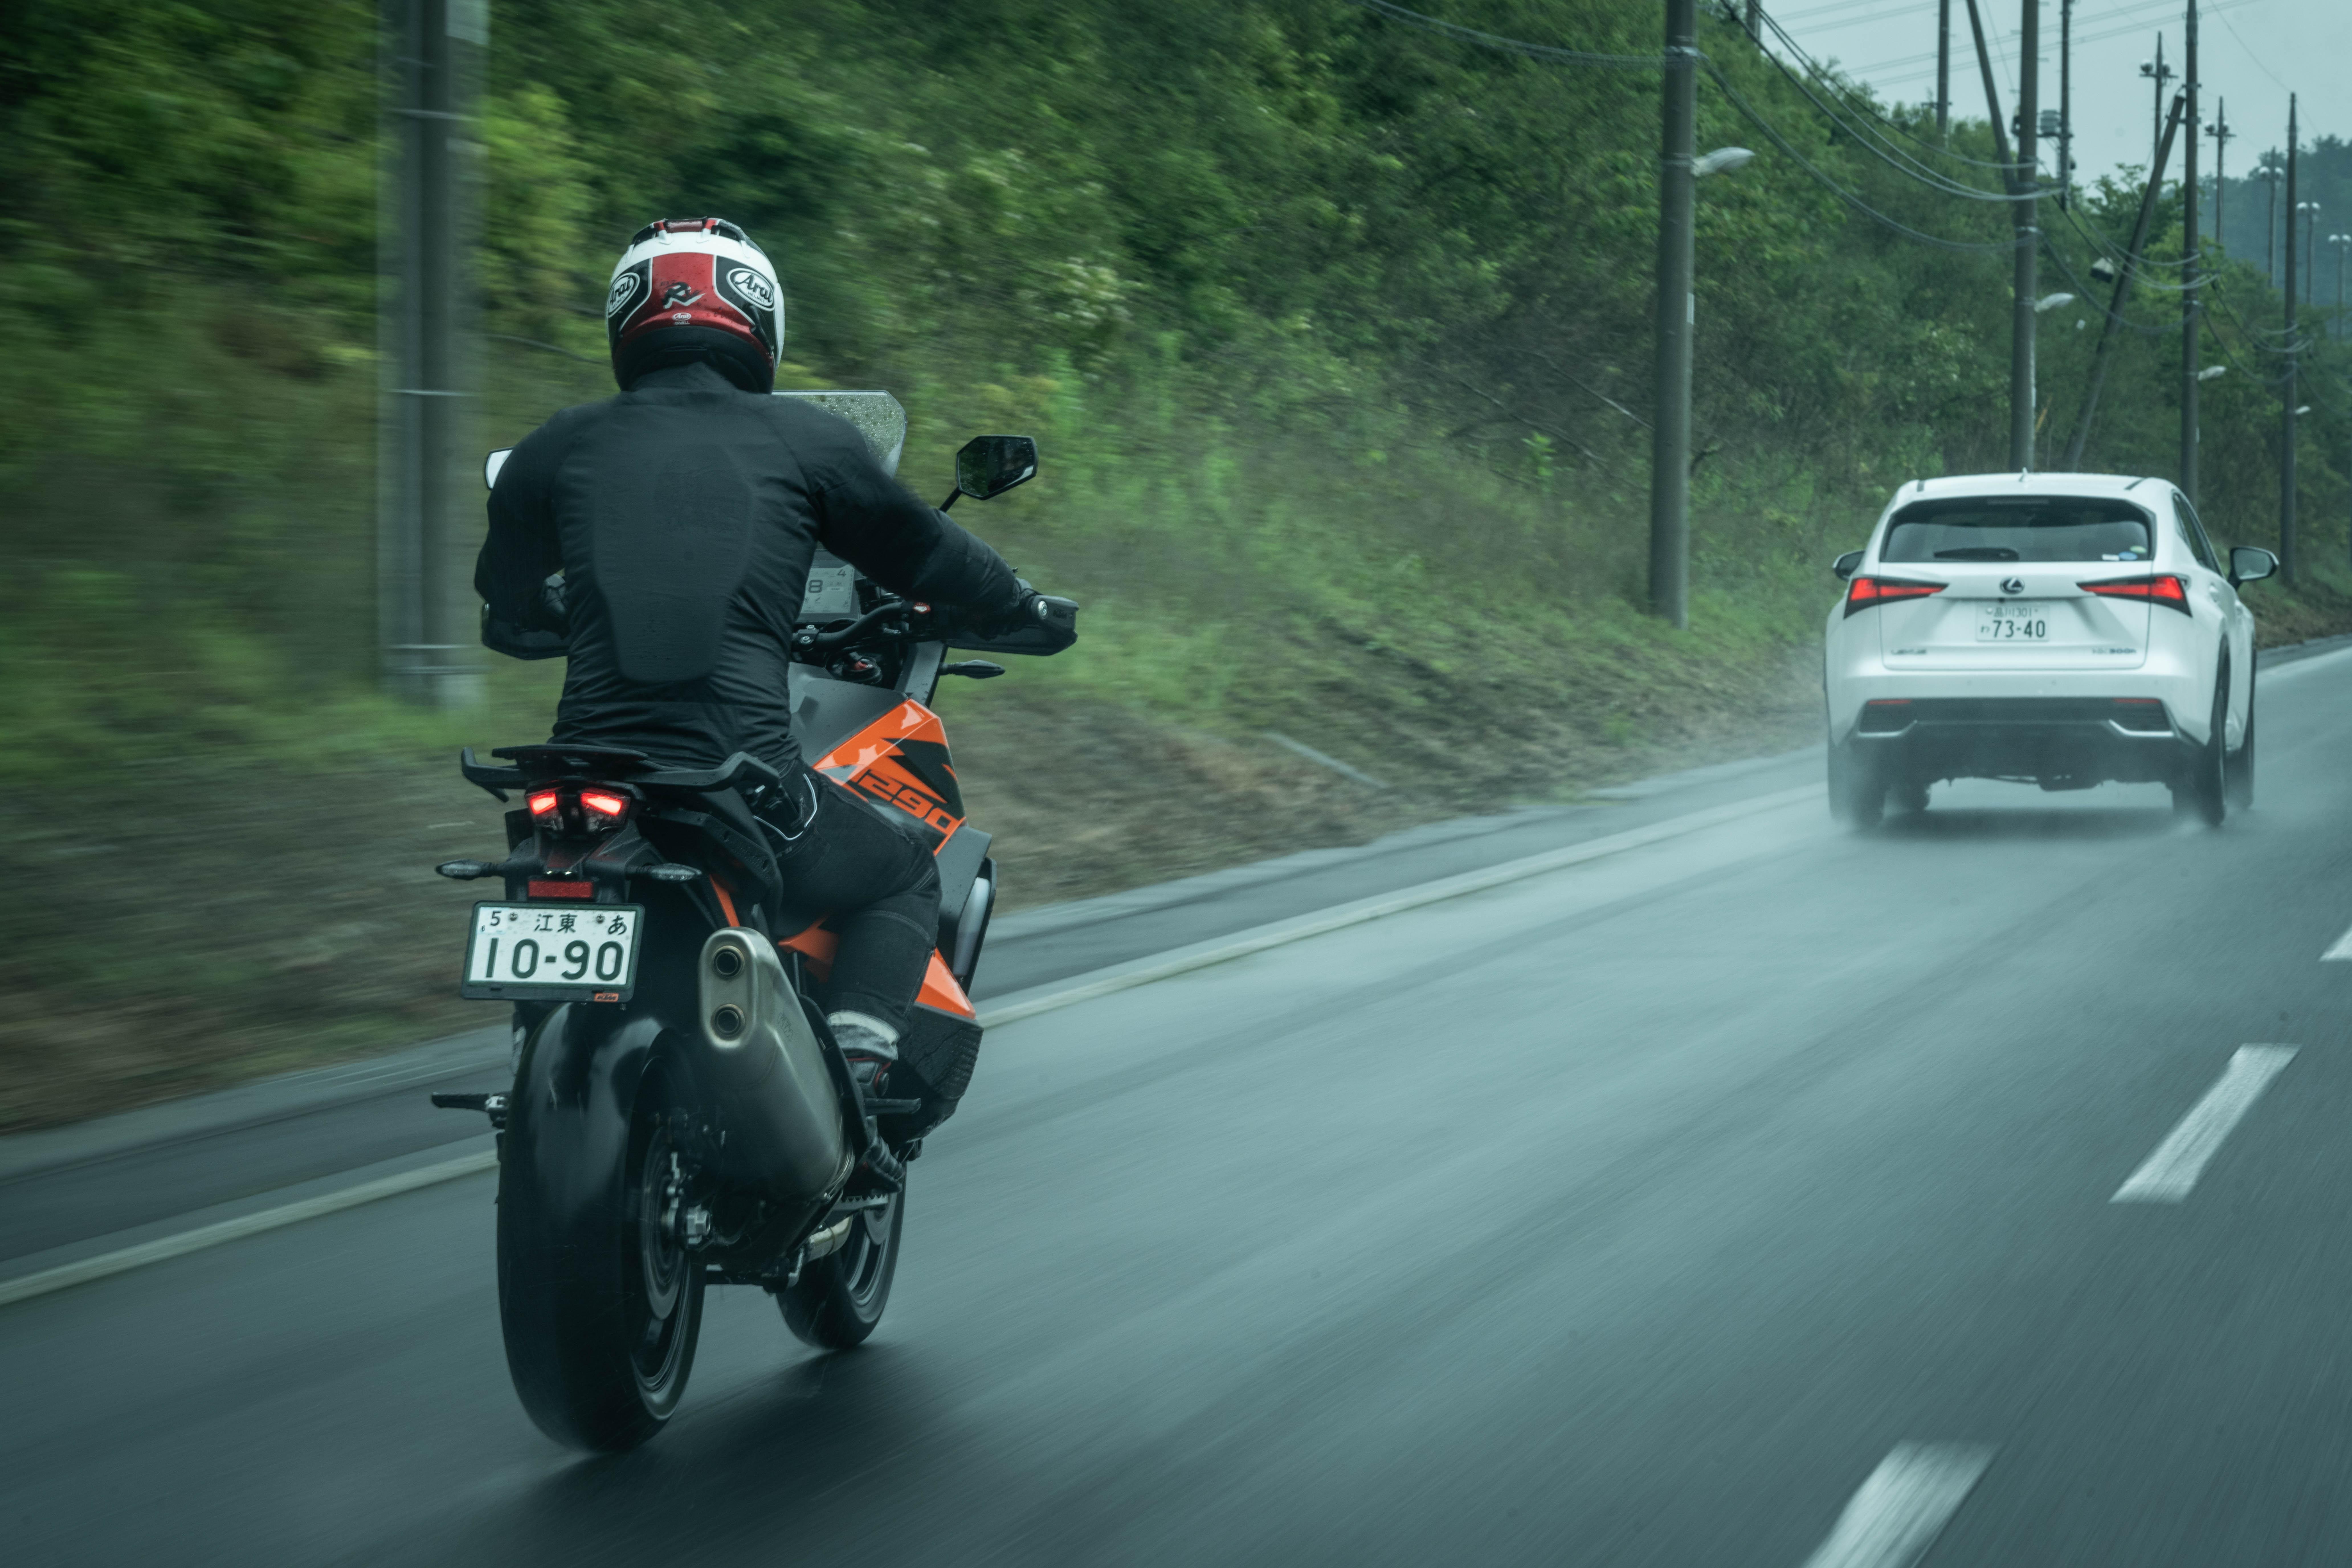 サイバー・バイクあらわる──新型KTM1290スーパーアドベンチャーS試乗記